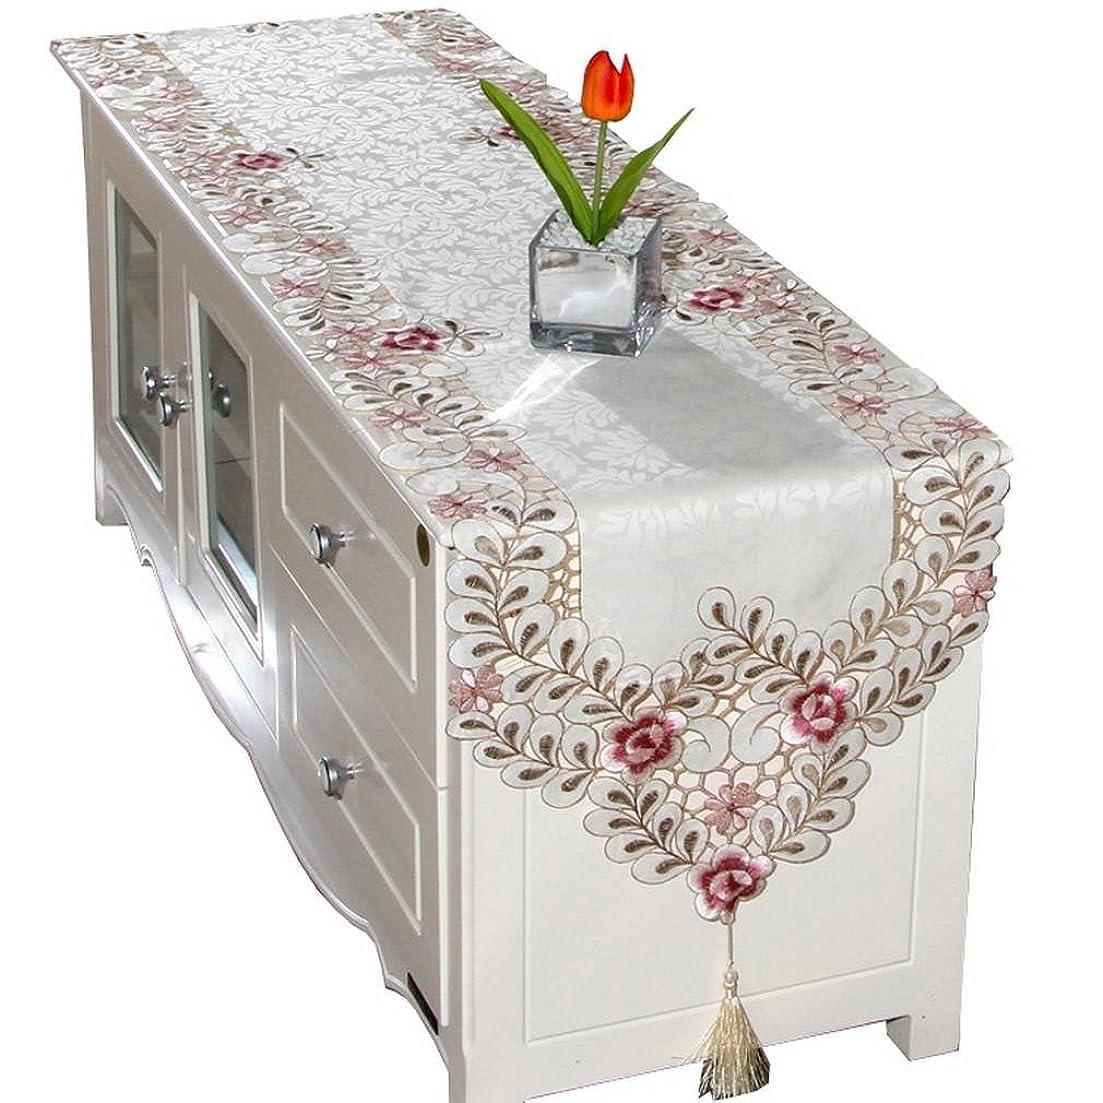 ペース寄り添うバンカーYiyiLai 田園風 北欧 テーブルランナー ベッド エレガント テーブルクロス 食卓飾り 豪華 タッセル S